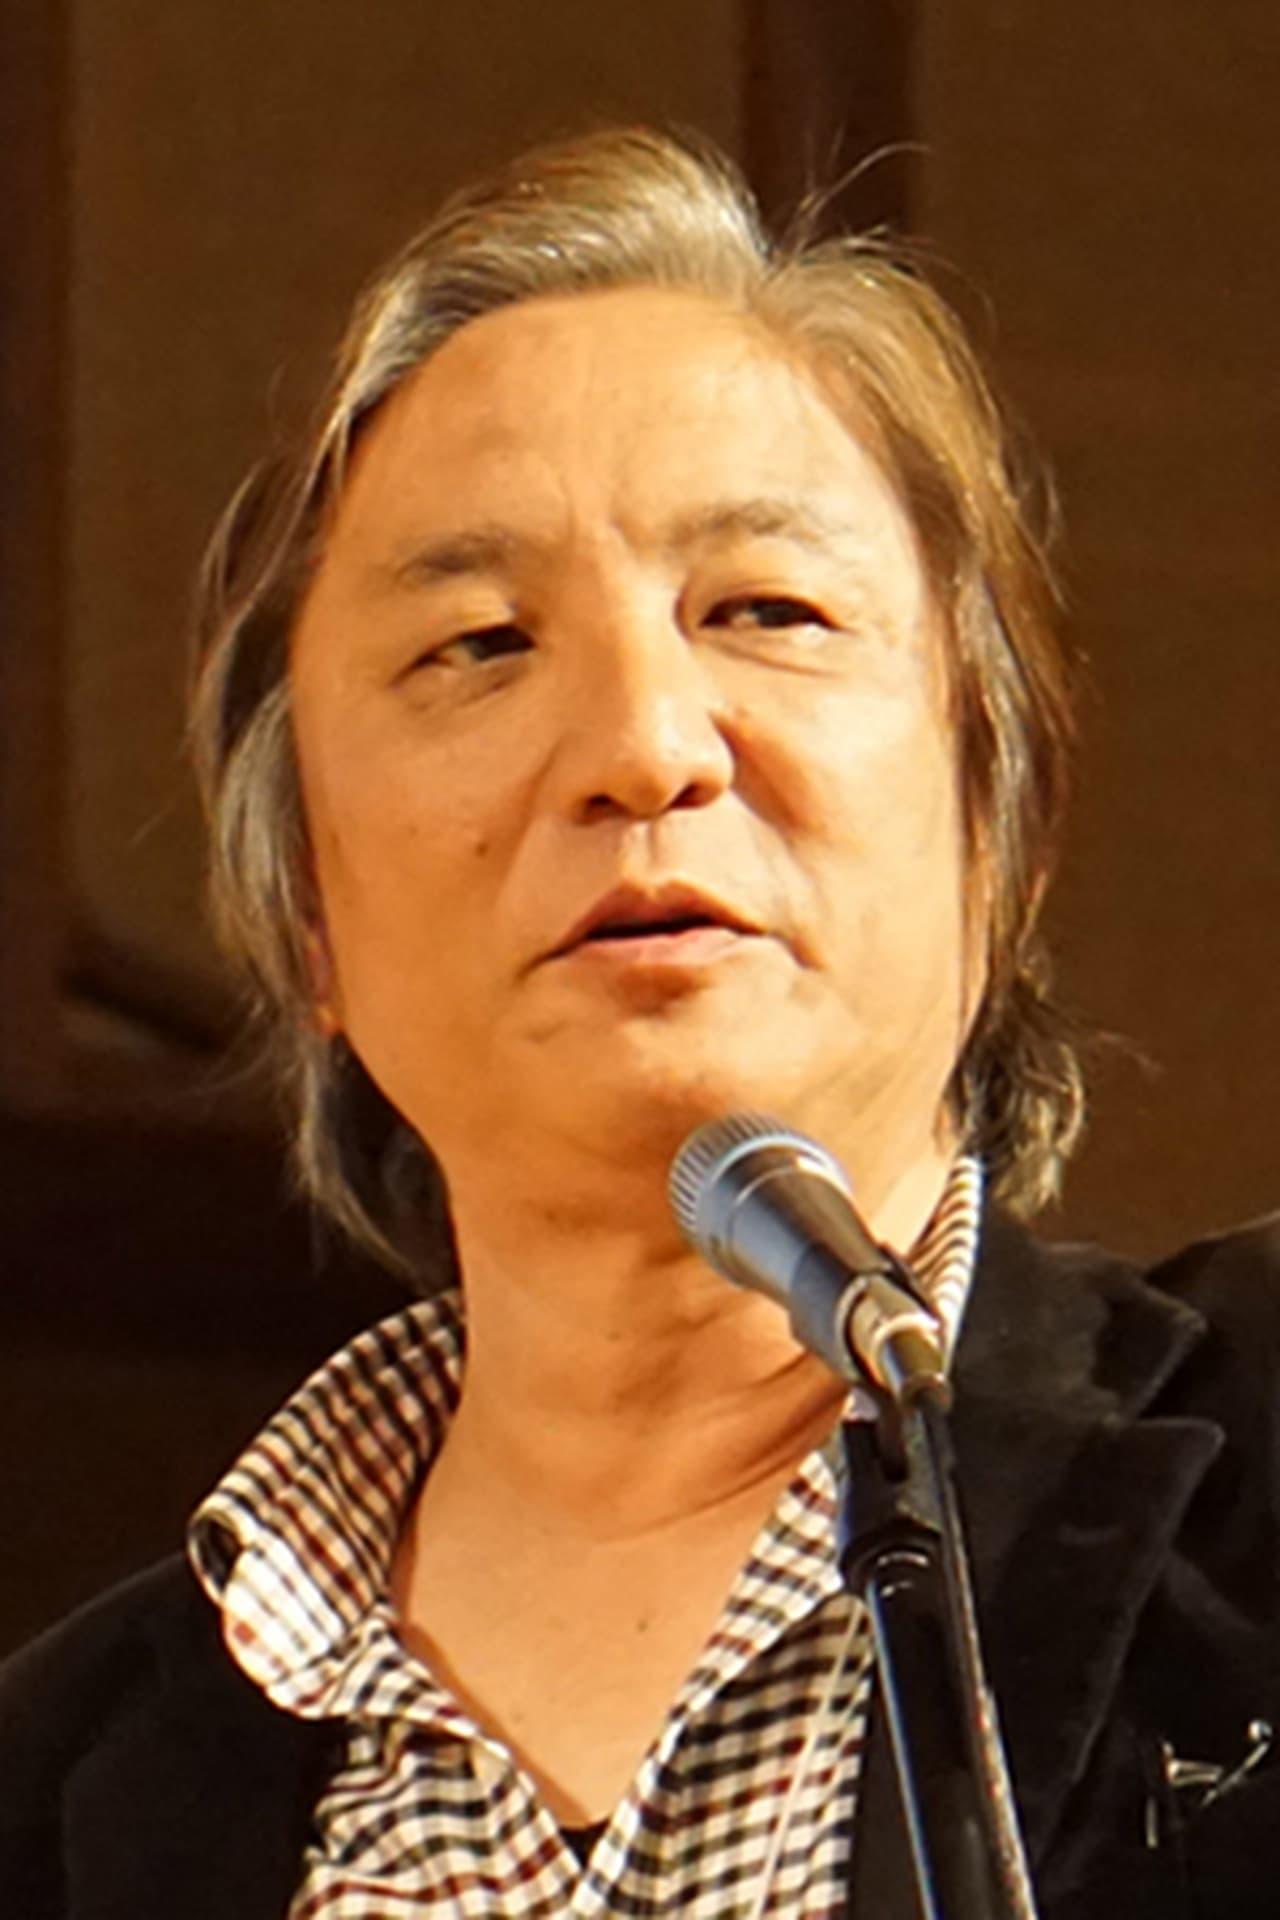 Shuichi Kakesu